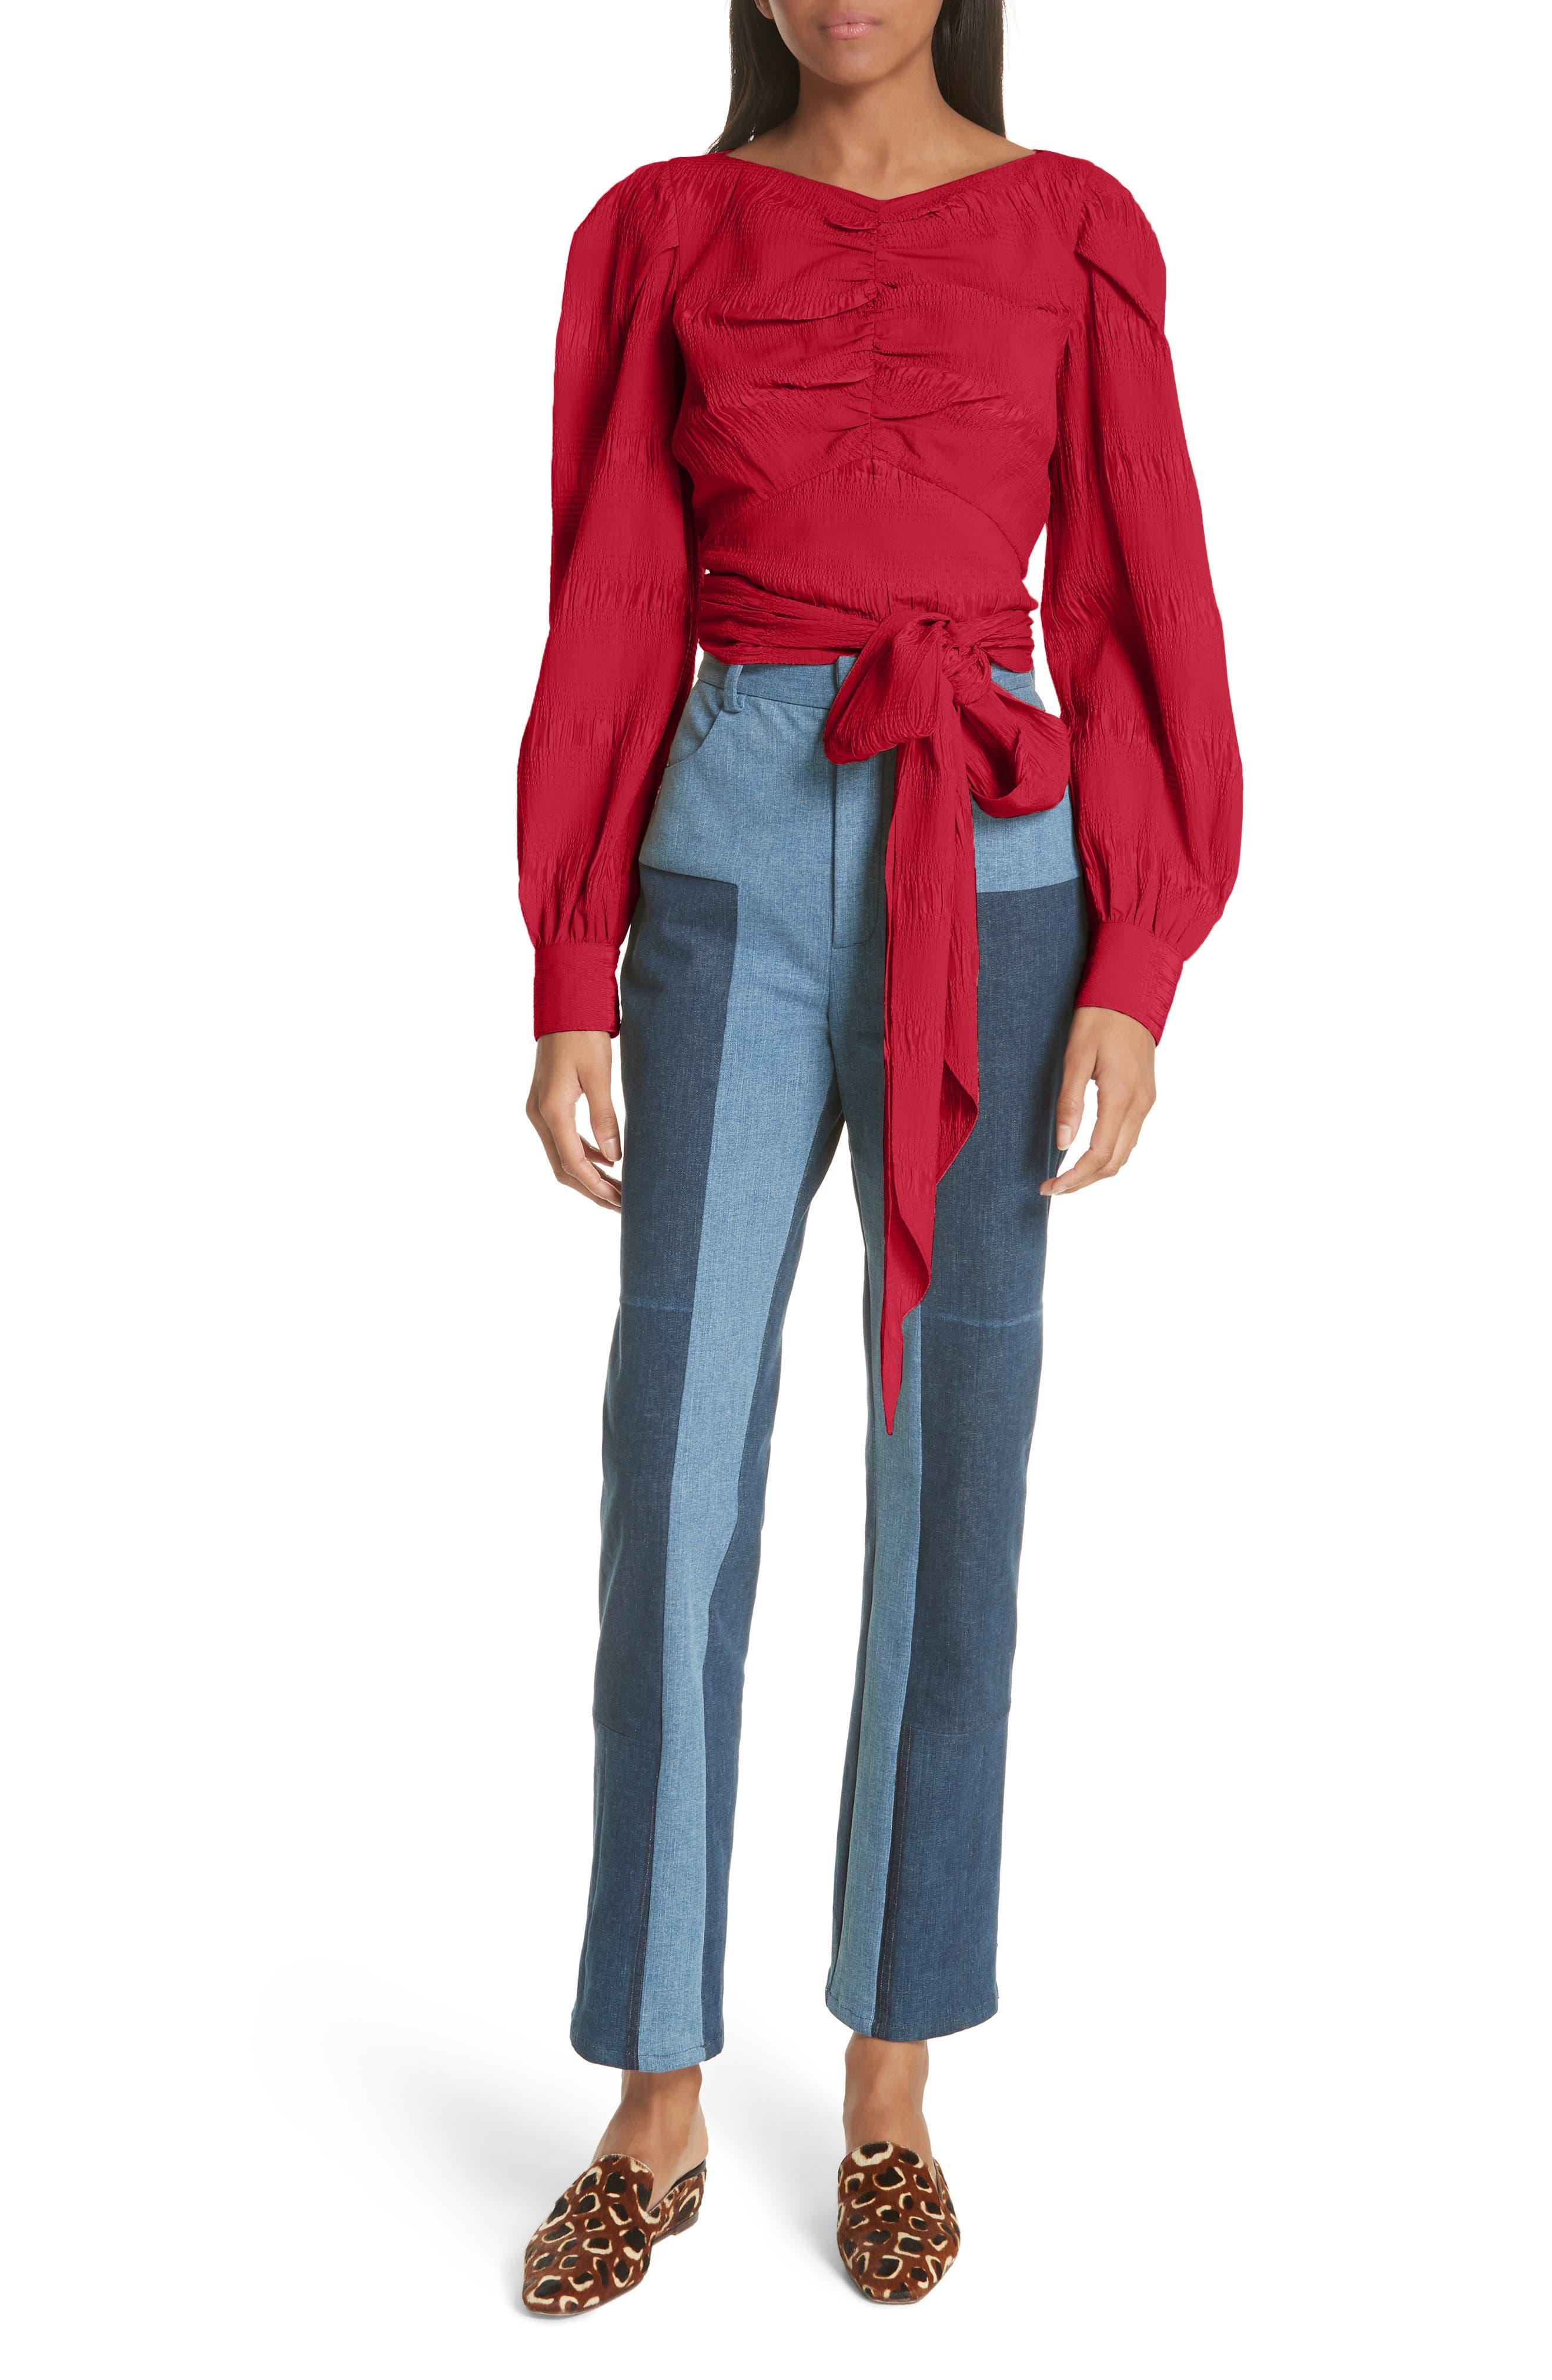 RACHEL COMEY,                             Bounds Tie Waist Silk Blend Top,                             Alternate thumbnail 7, color,                             600